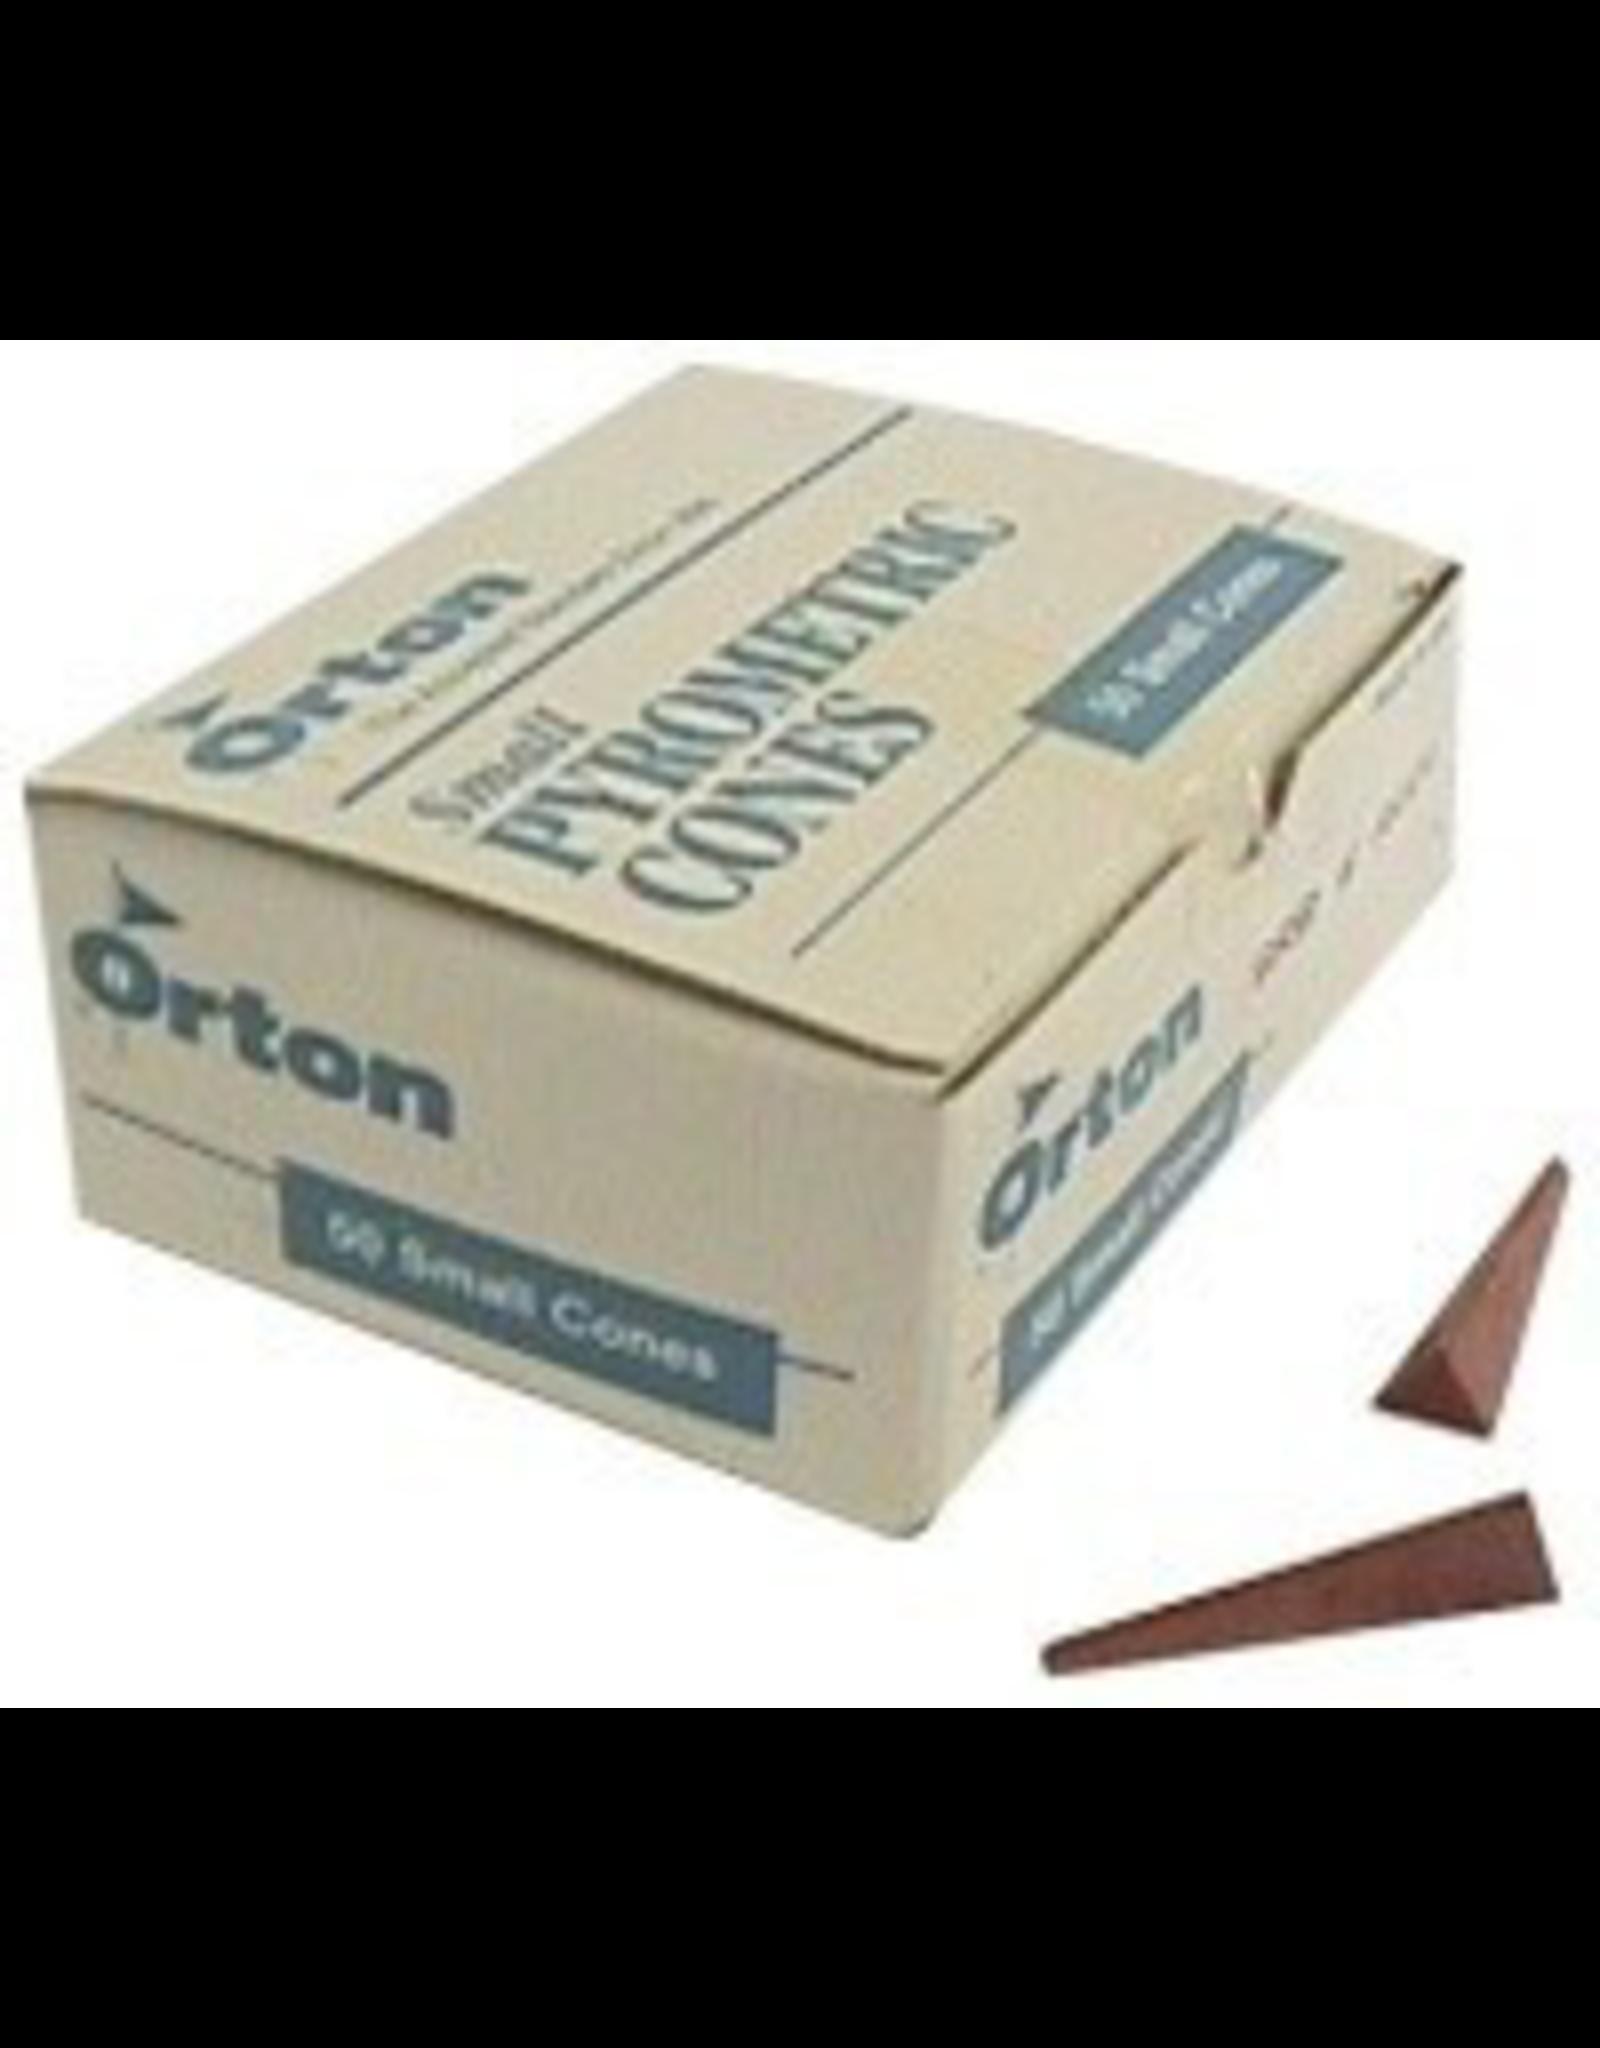 Orton small cone 8 (x10)